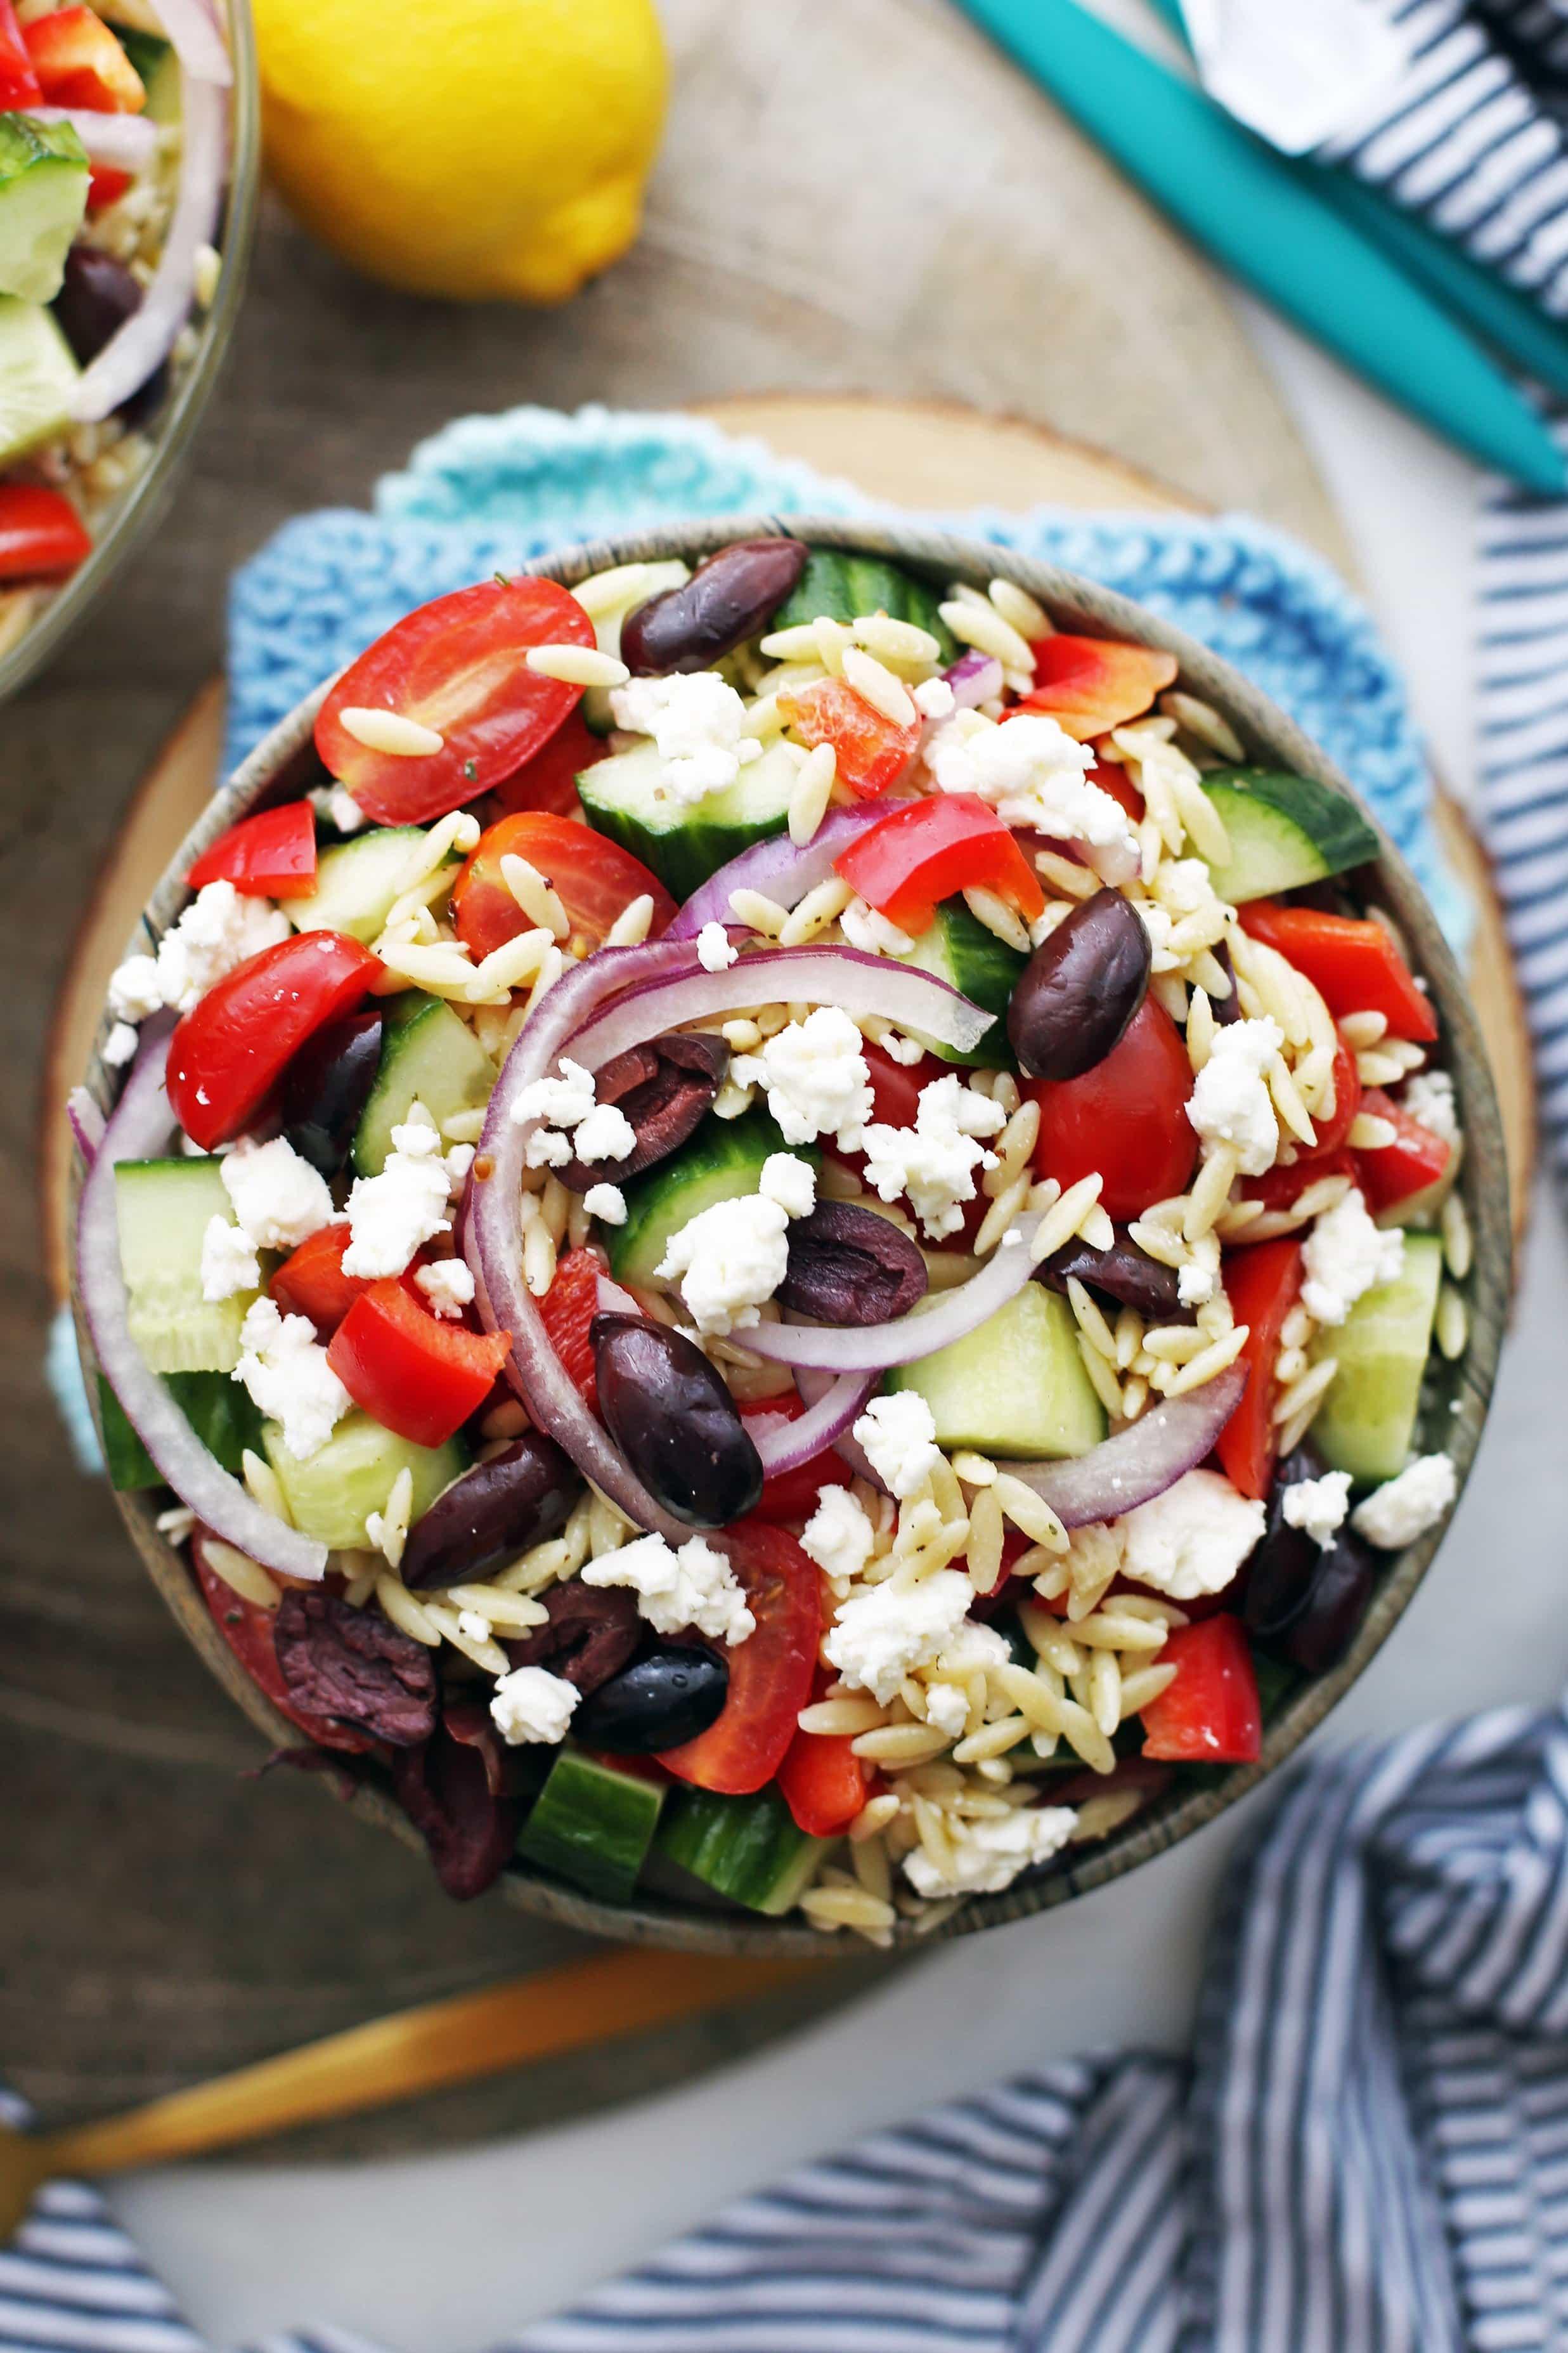 An overhead view of bowl of Greek Orzo Salad with Lemon Vinaigrette.